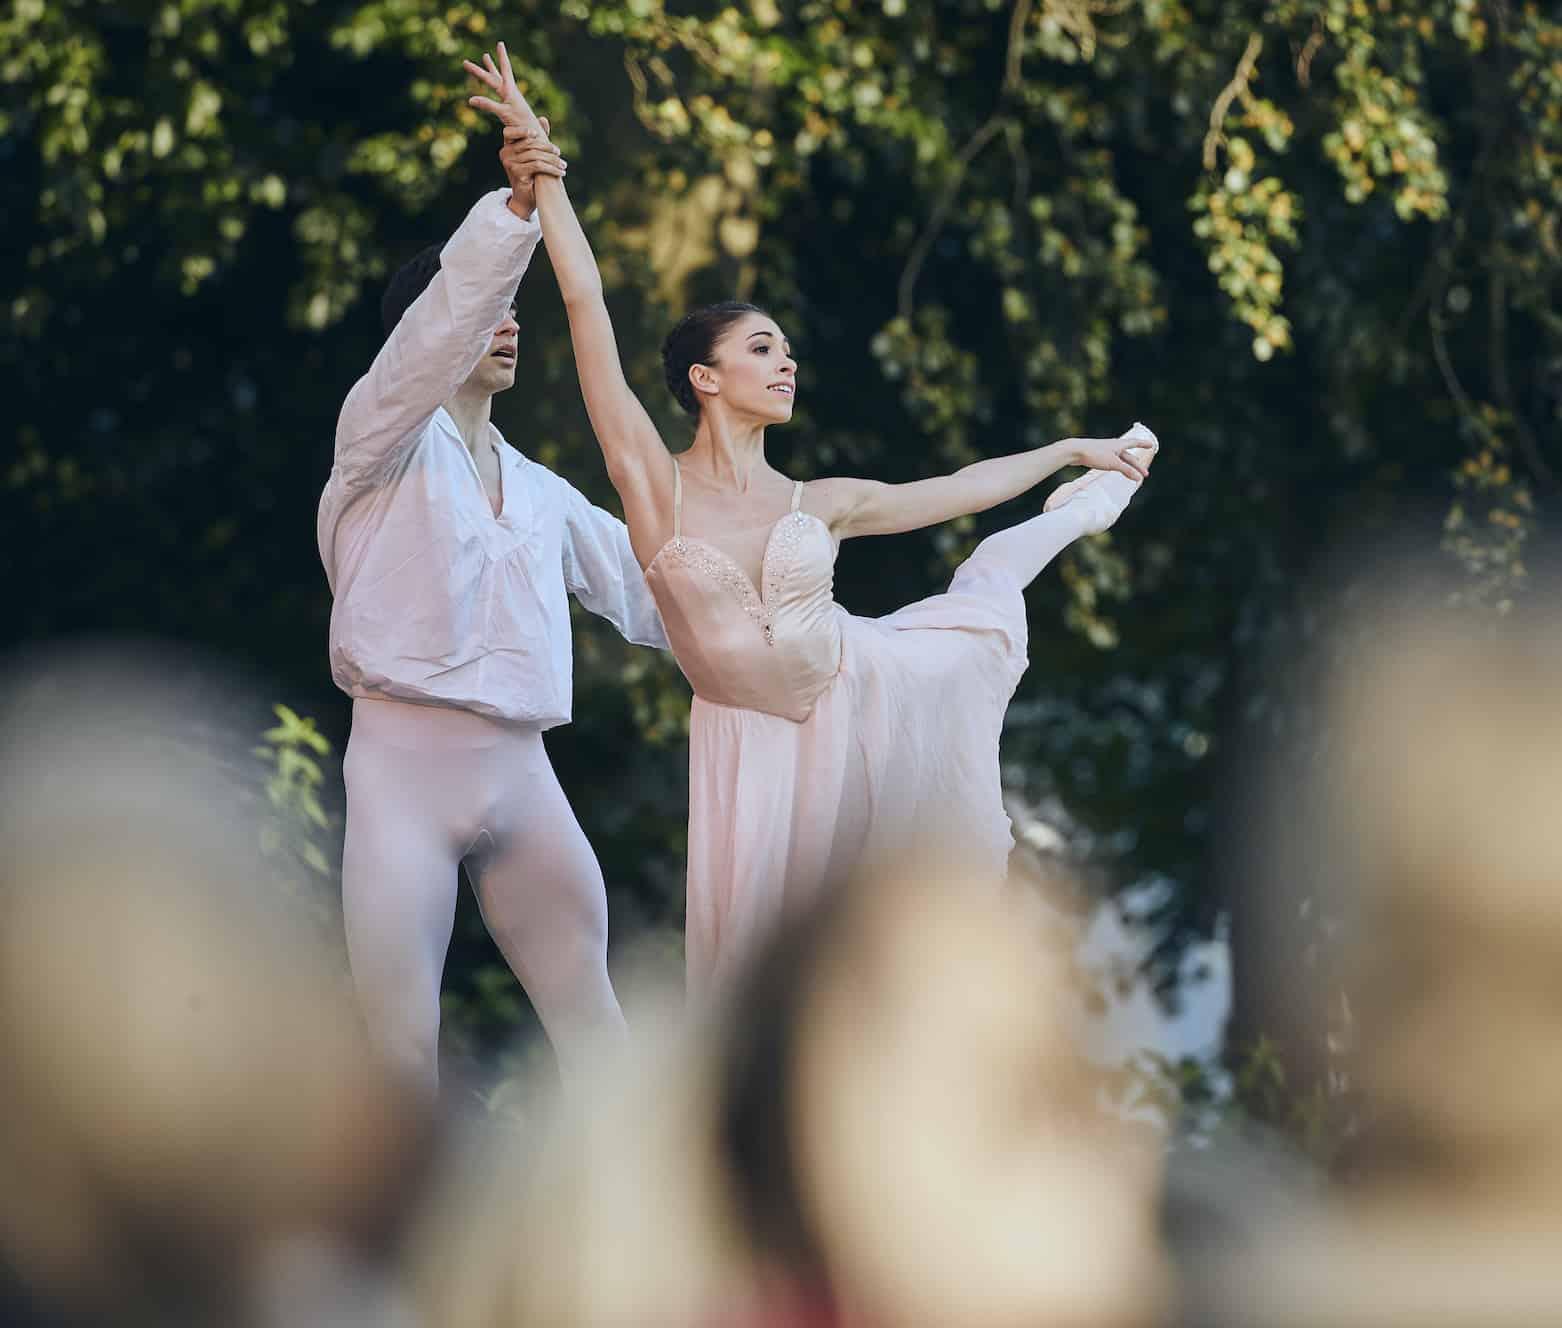 Sommerglæder 2021 for balletentusiaster: